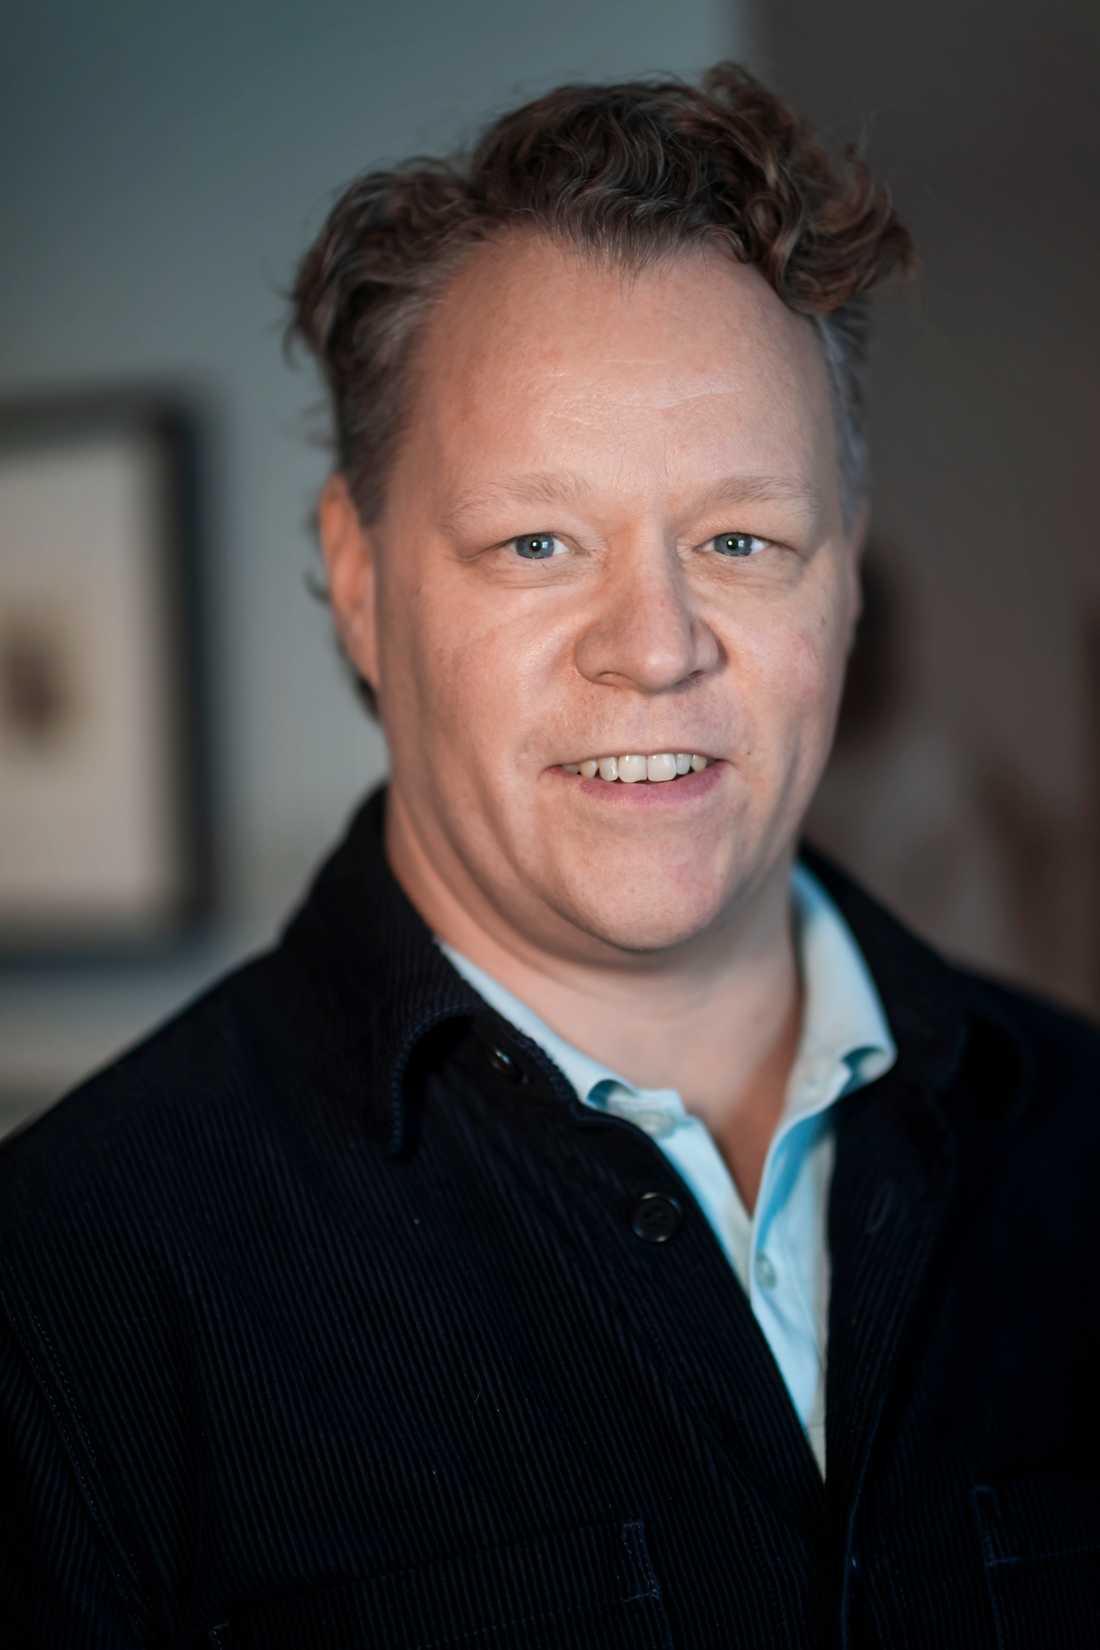 Edvard Munchs fotografier gör att han kommer närmare som person, framhåller Patrik Steorn, museichef på Thielska galleriet.